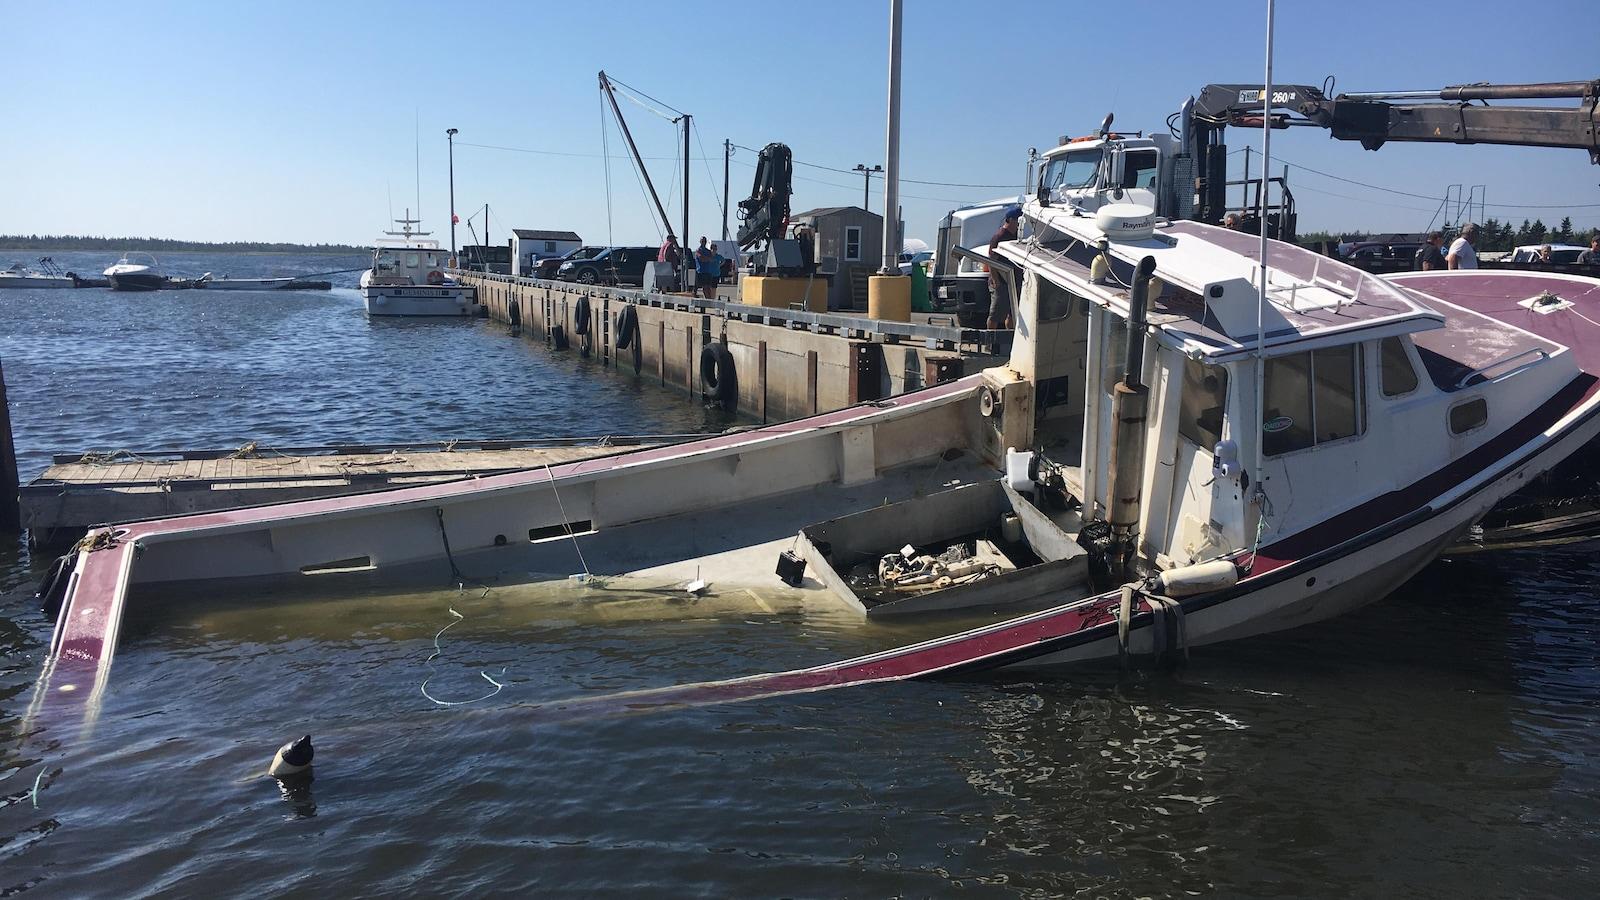 Trois bateaux ont coulé au quai de Neguac samedi matin.